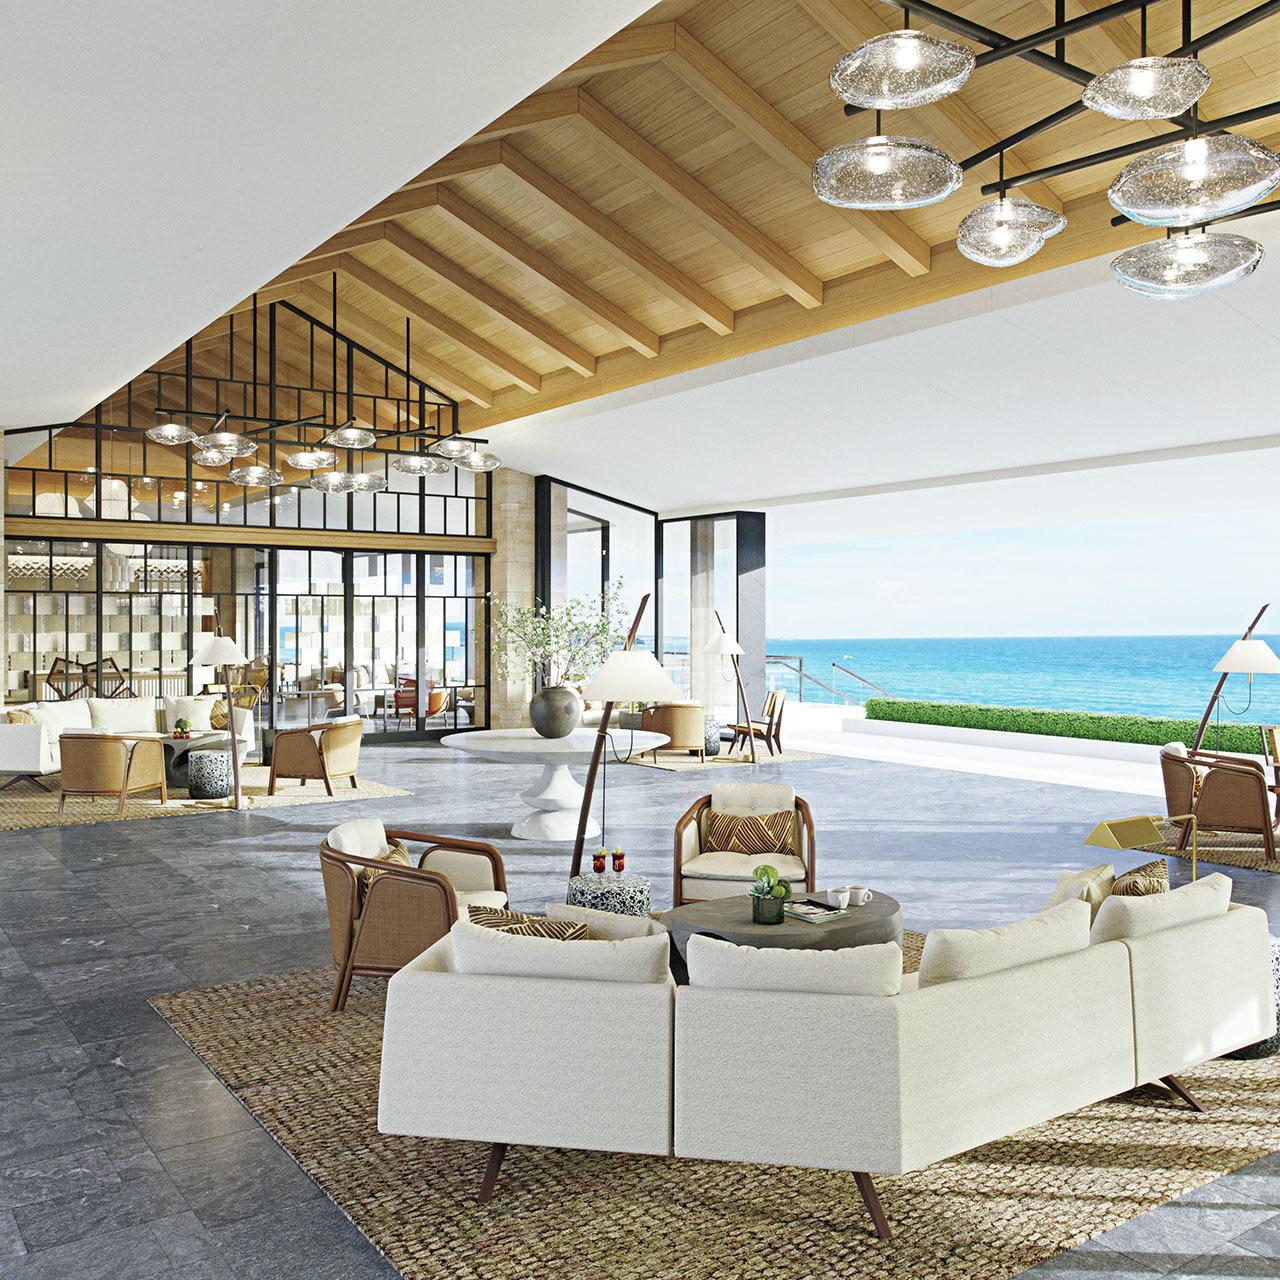 日常にすこしの贅沢を。大人を満足させる最新ホテル&レストラン 五選_1_1-1